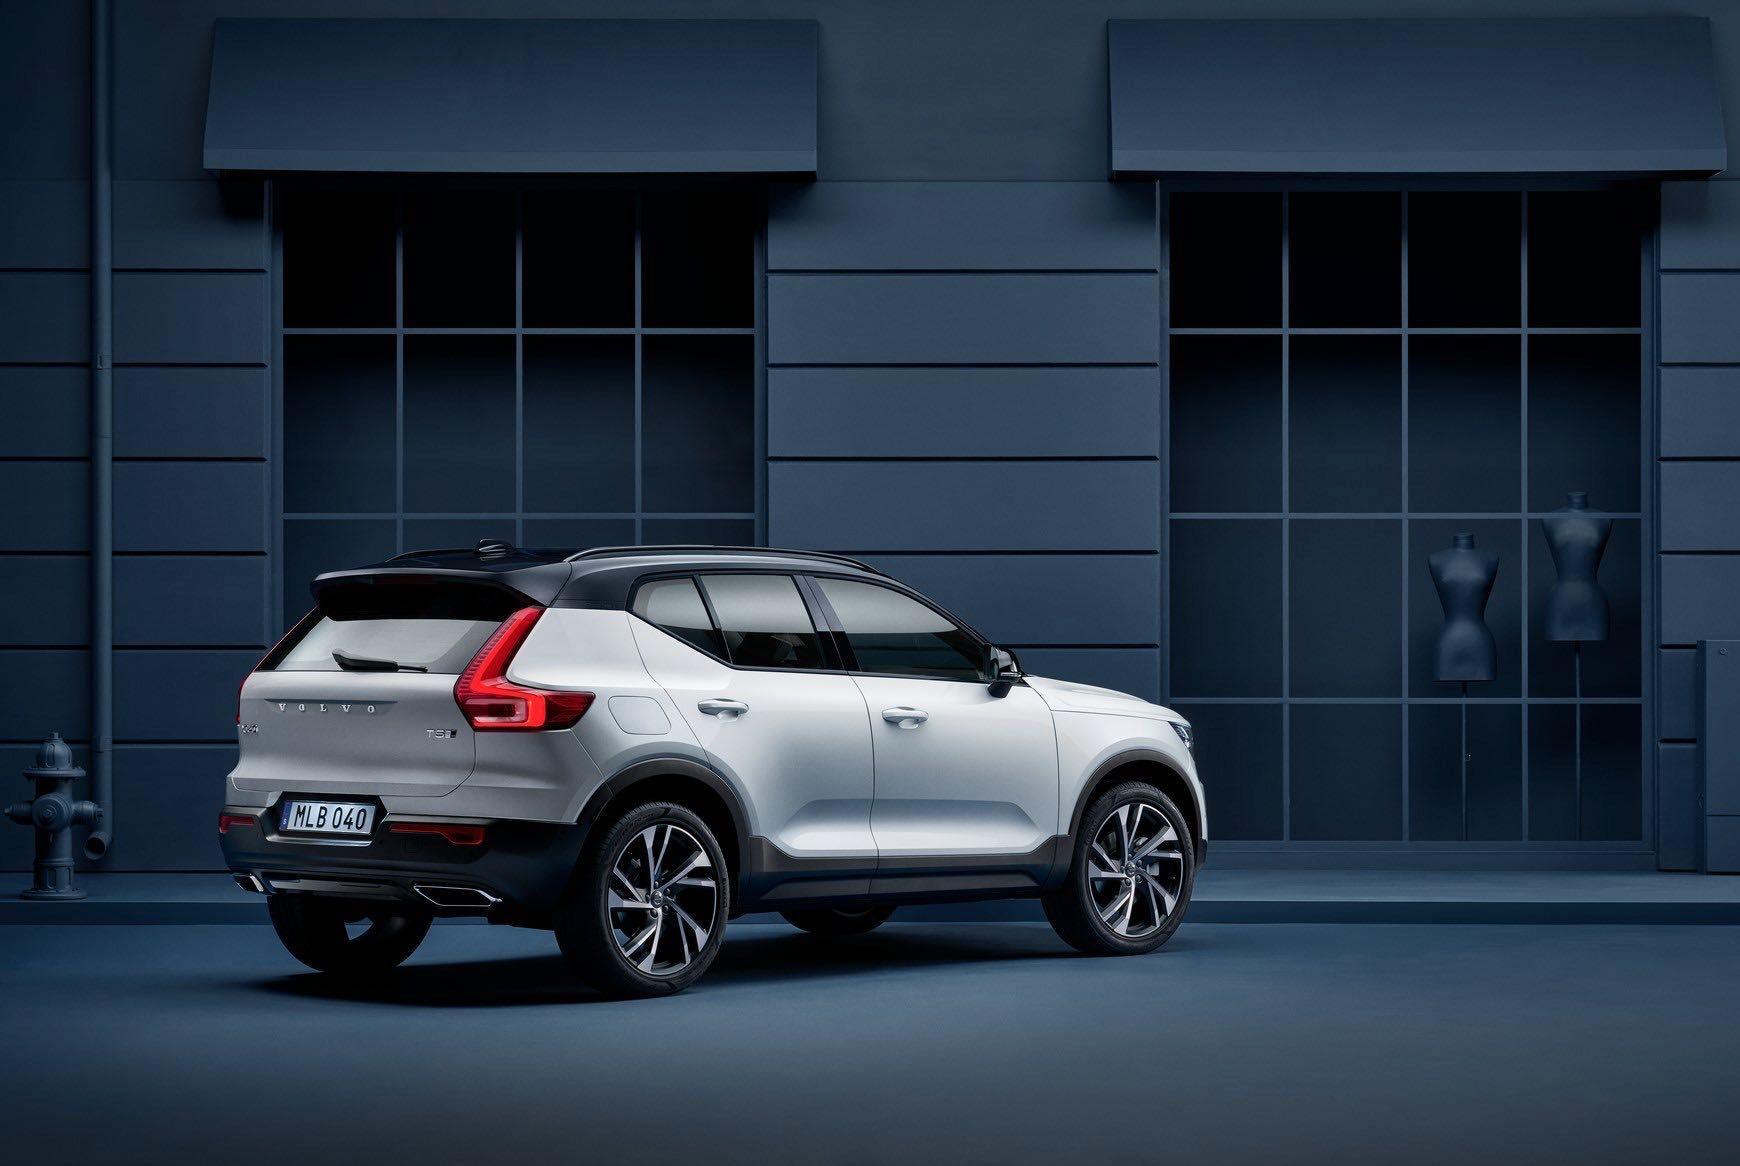 New Volvo XC40 Exterior -  2017, 2018, 2018 New XC40, Design, Exterior, New XC40